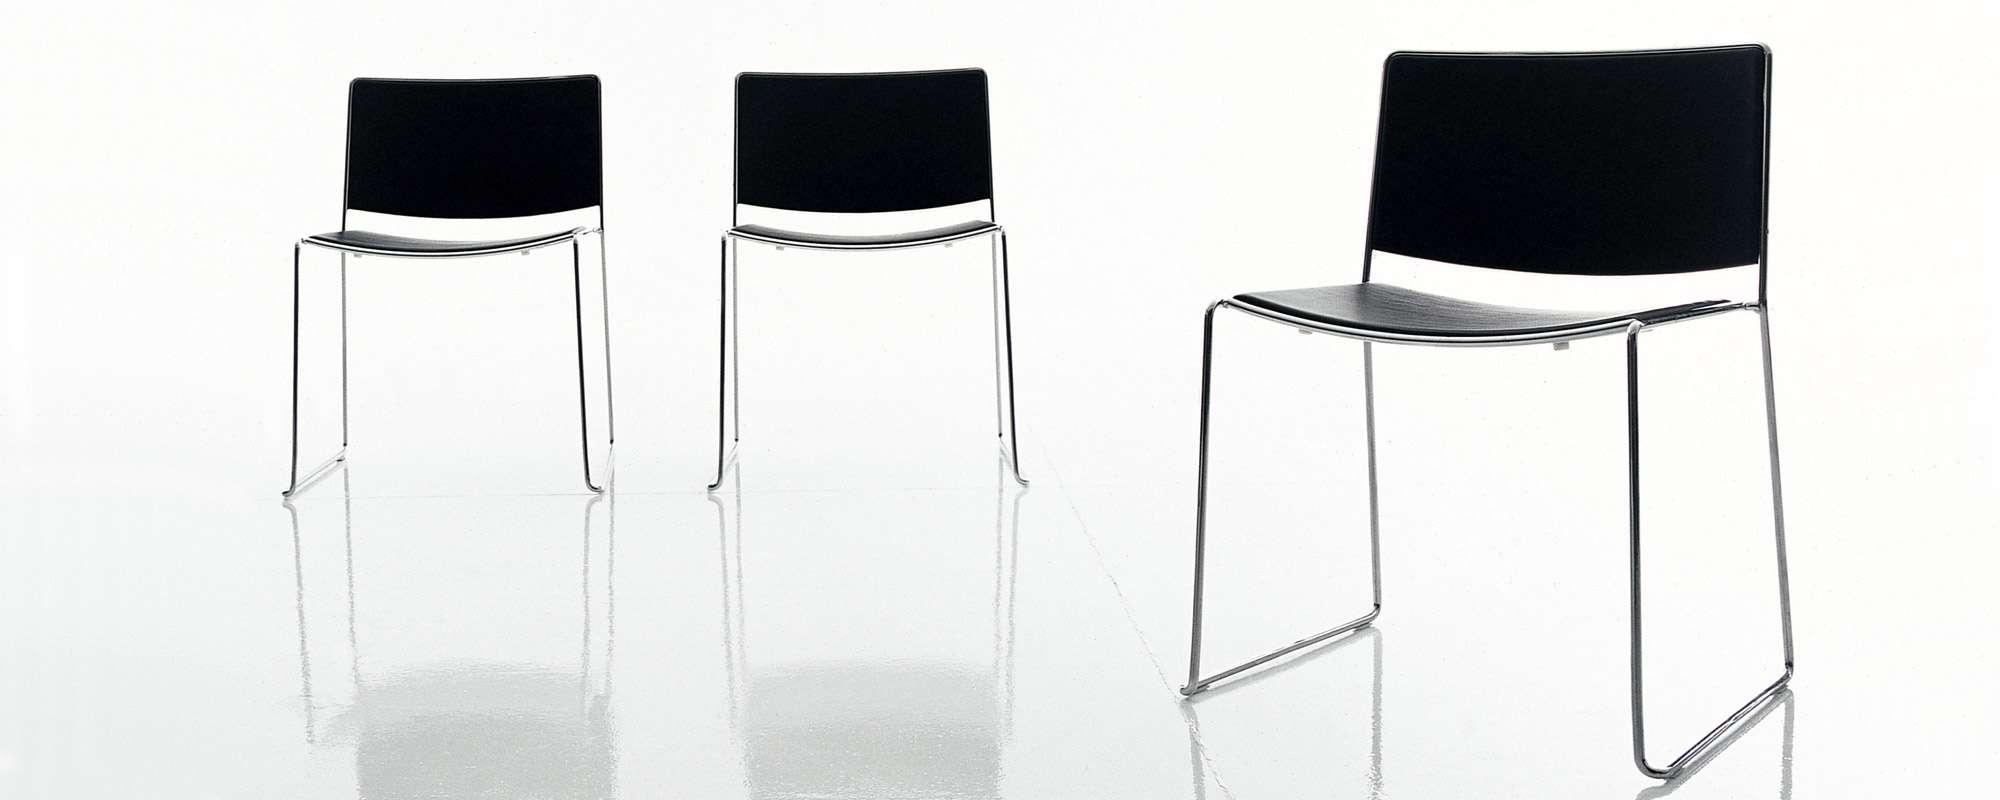 Sfera design porro furniture Spindle